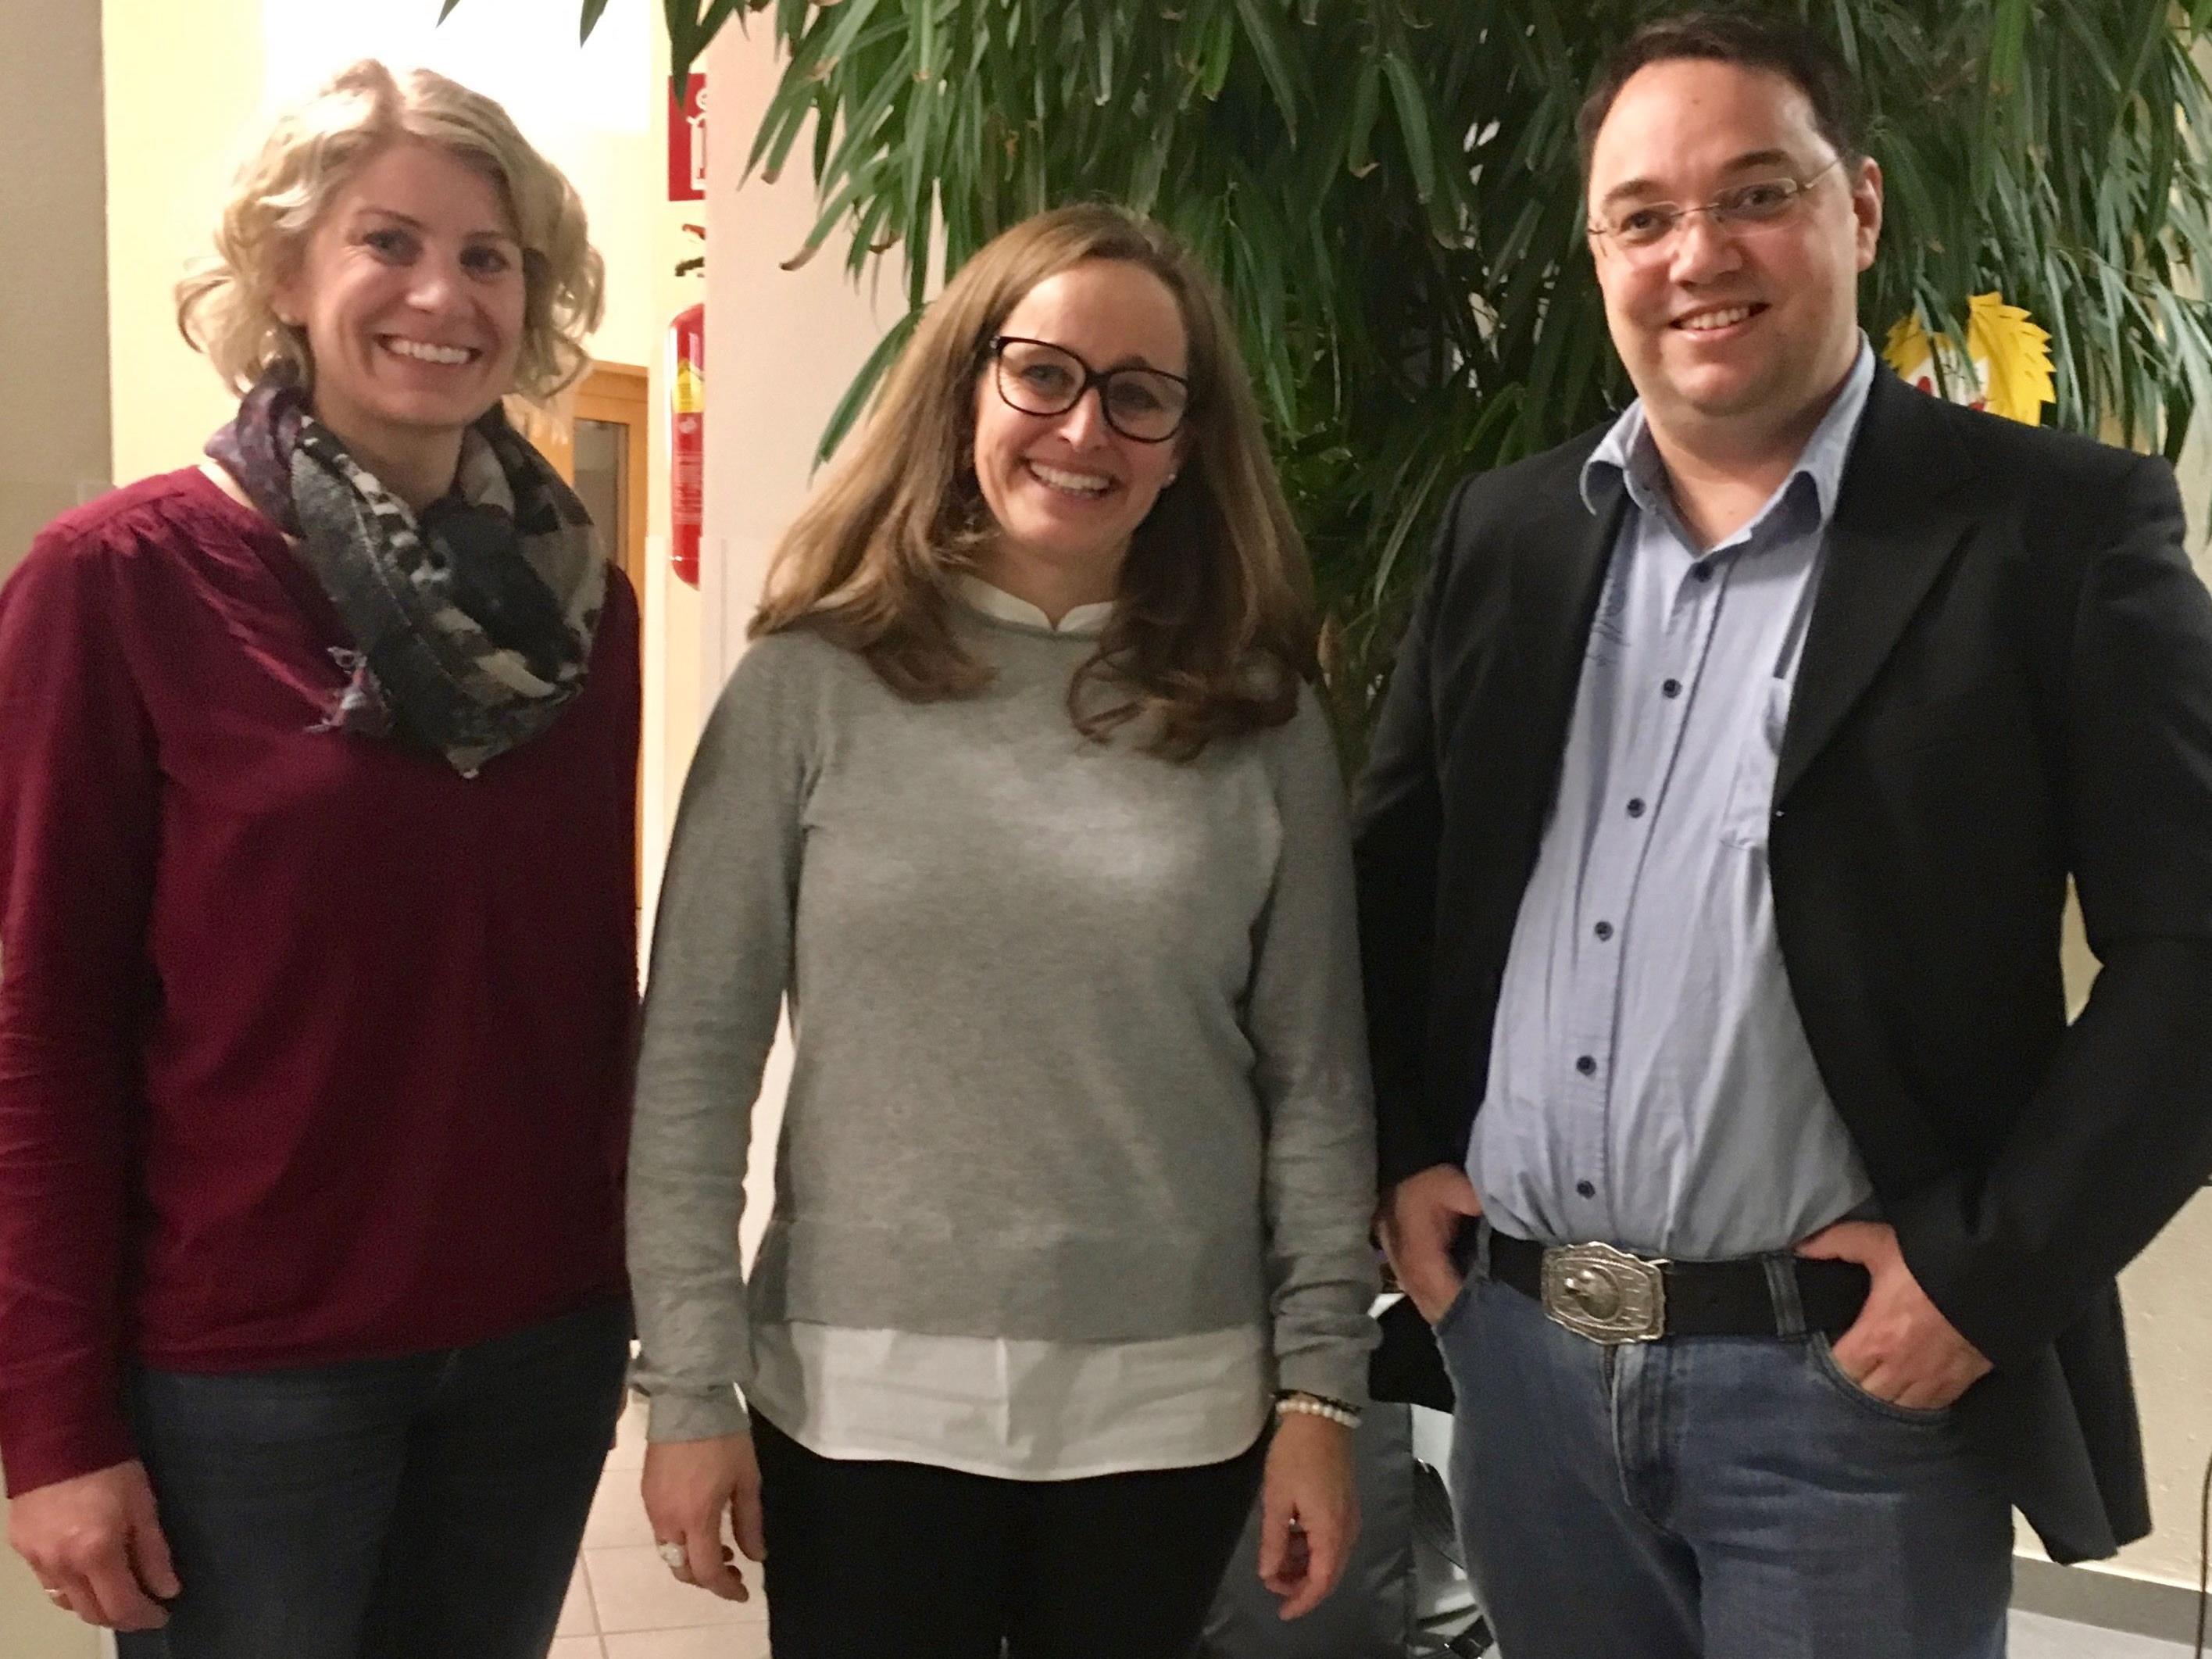 v.li. Elke Wachter vom Elternverein organisierte mit Verena Fitsch vom Familenverband einen Vortrag über Internetsicherheit mit Mike Fleisch